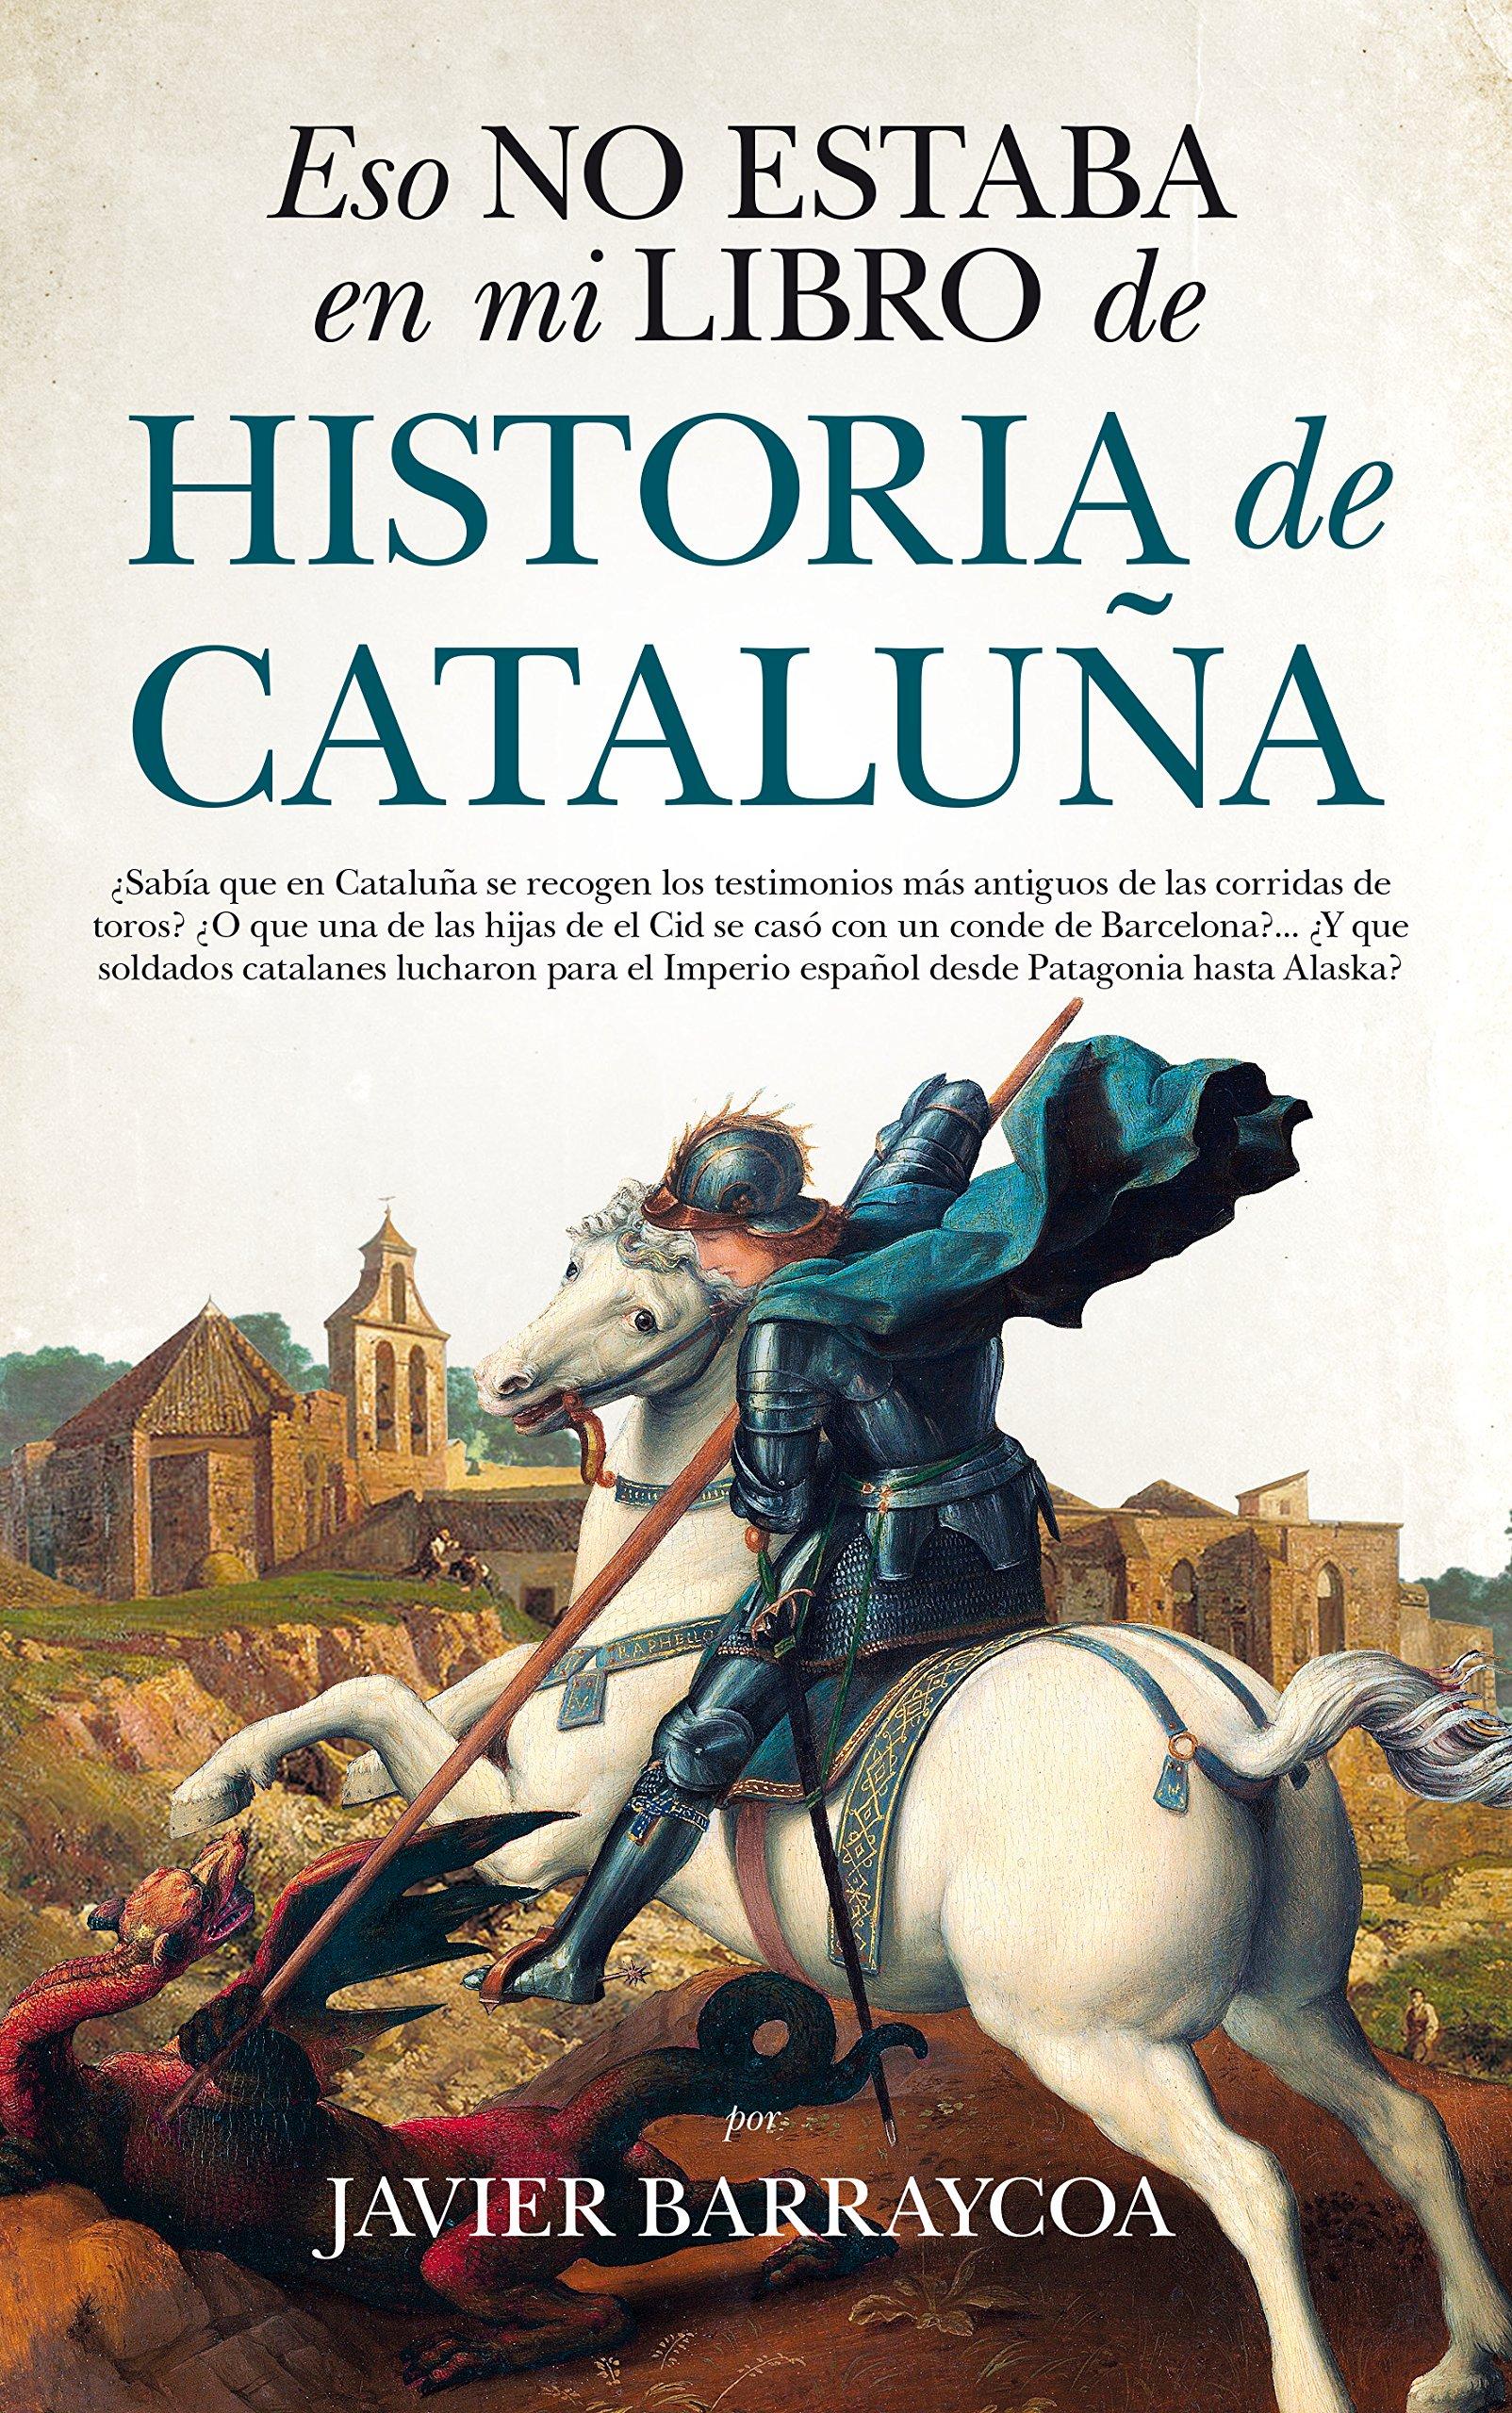 Eso no estaba en mi libro de Historia de Cataluña: Amazon.es: Barraycoa Martínez, Javier: Libros